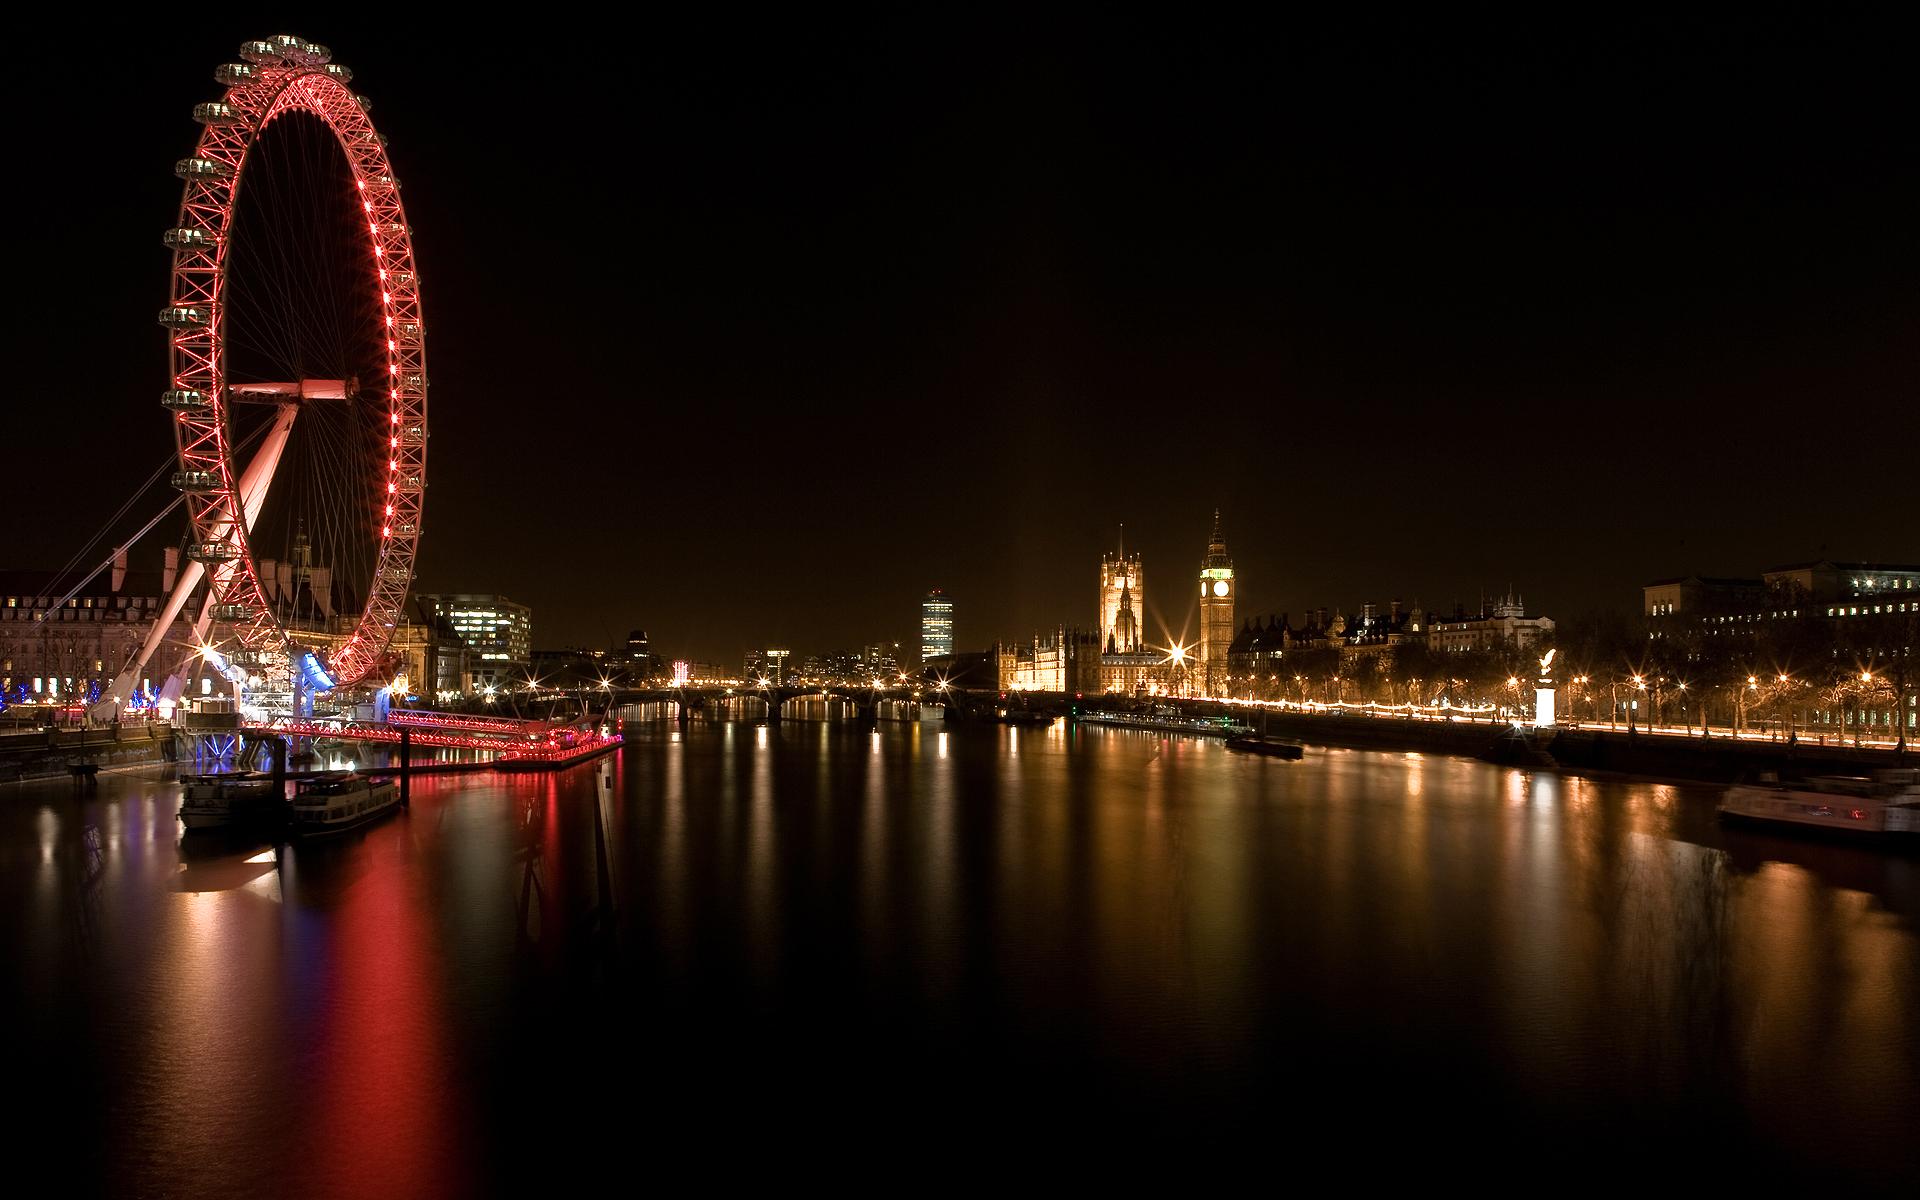 Londres-82-londres-paysages-urbains